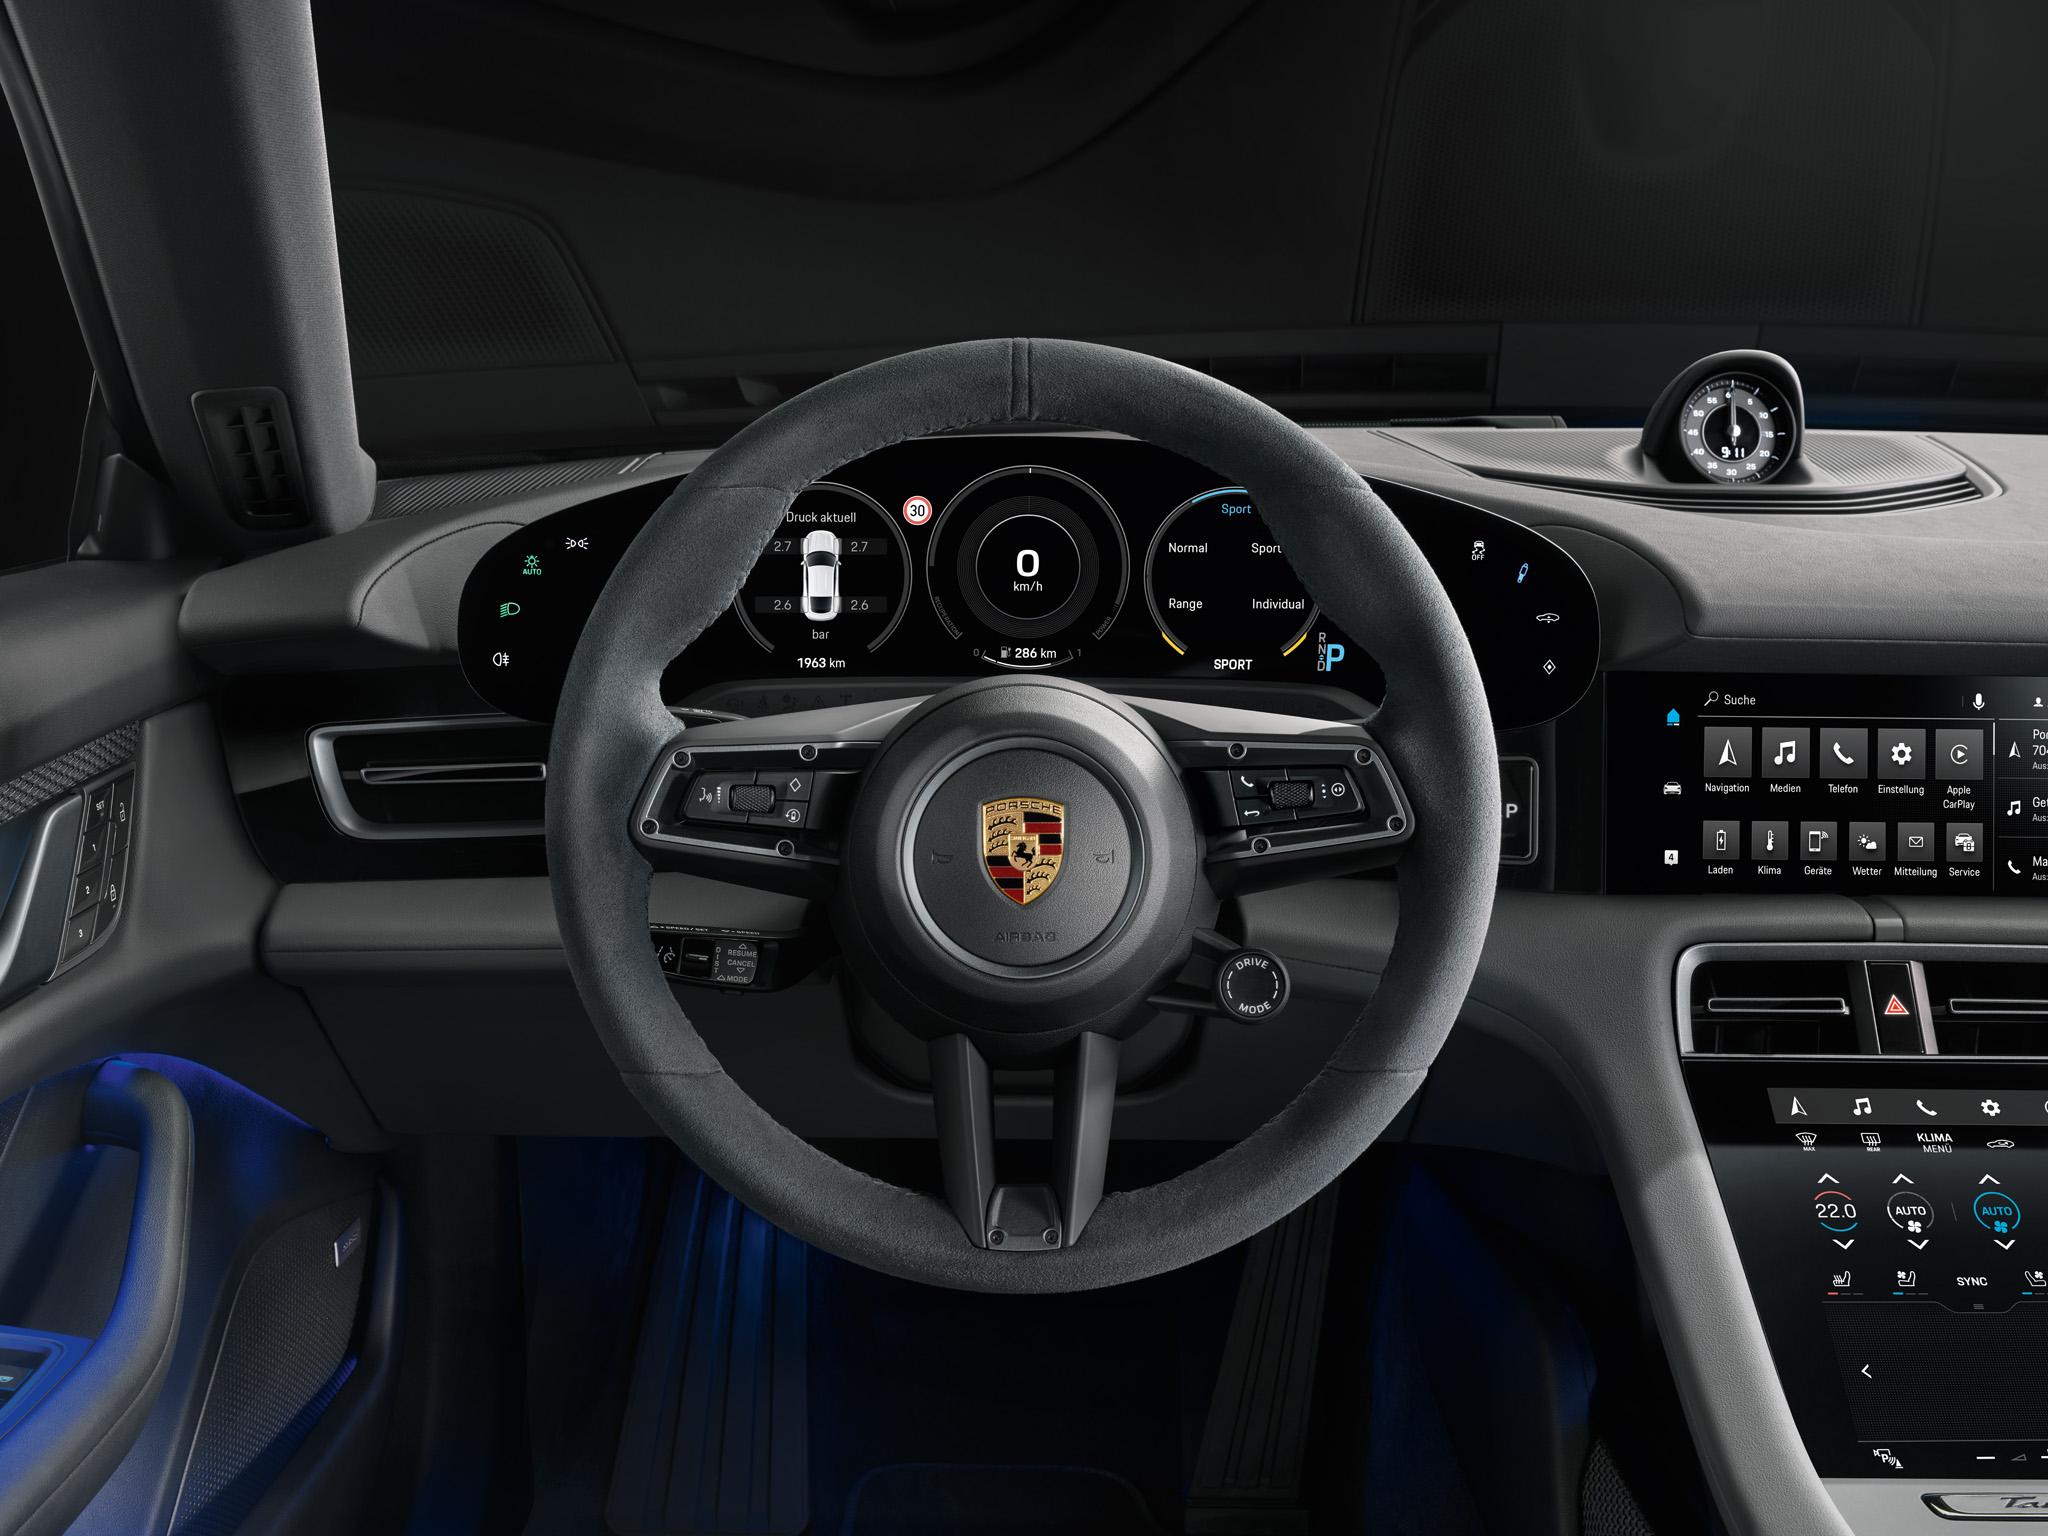 05 Interior of the Porsche Taycan 4S